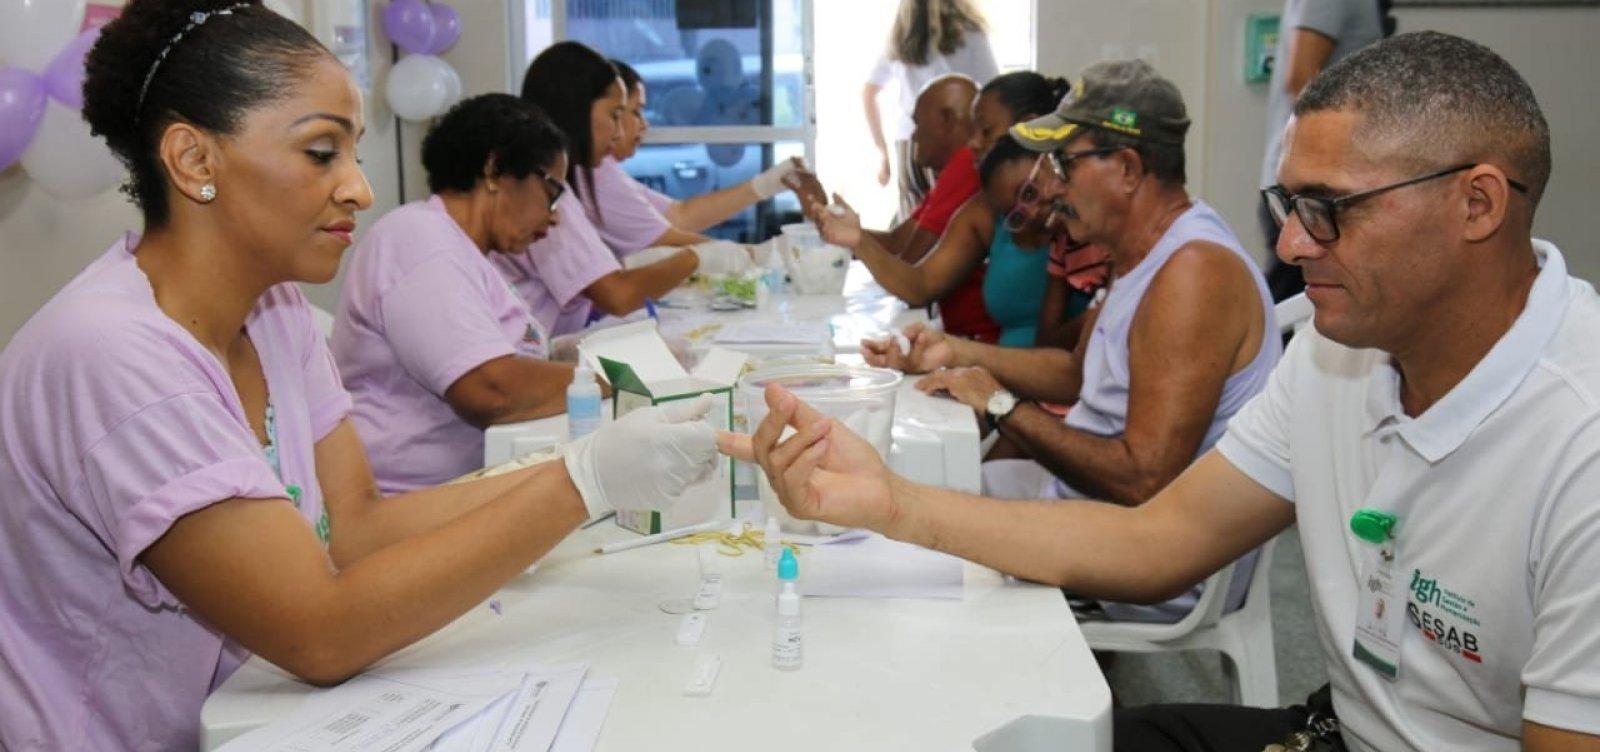 Bahia registra mais de 34 mil novos casos de sífilis 2015 e 2019